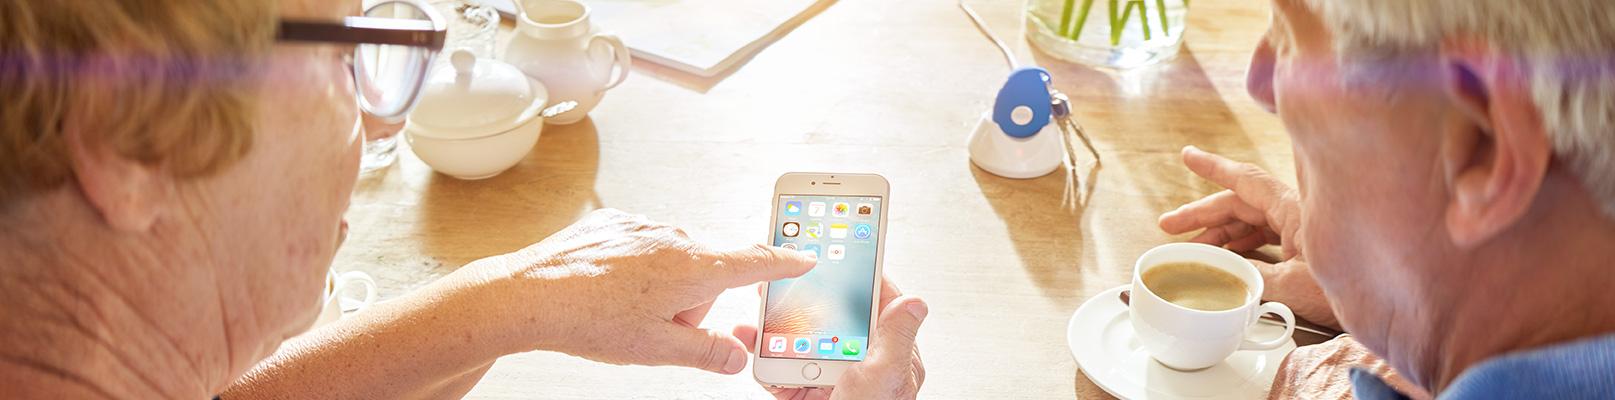 Tillsammans vid bordet upptäcker cAlarm Mobile